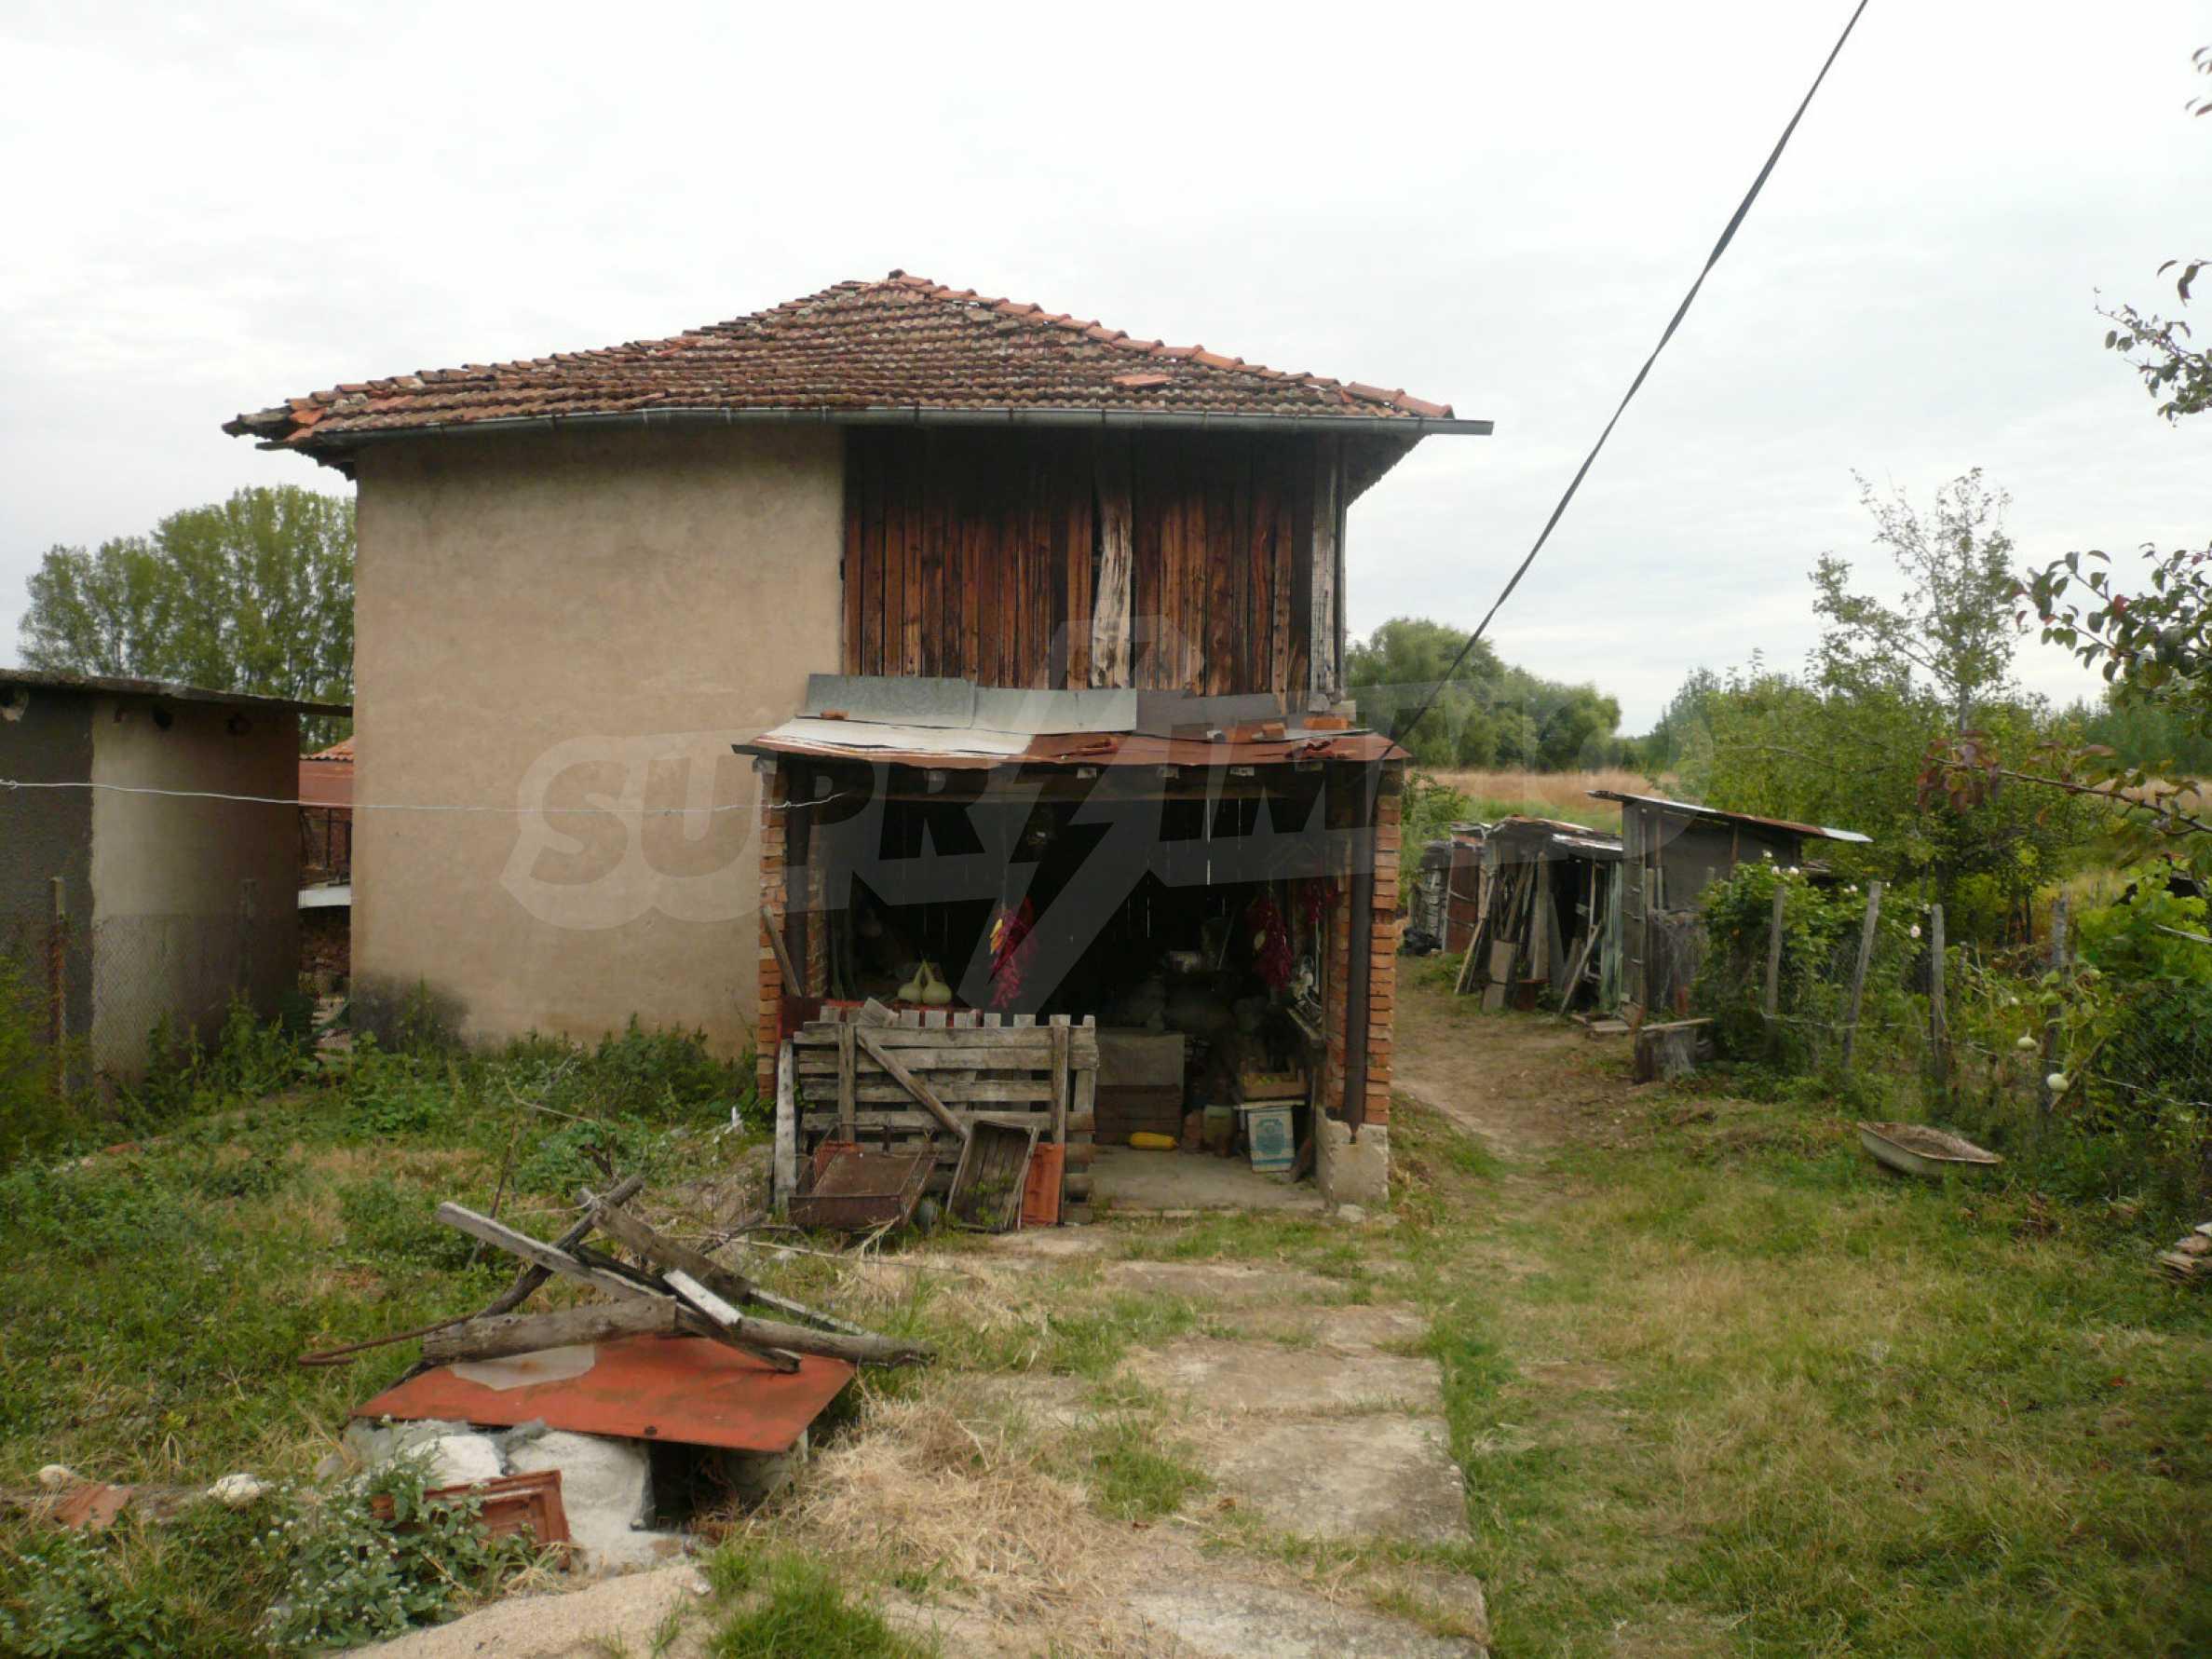 Einfamilienhaus mit Hof in der Nähe der Donau 8